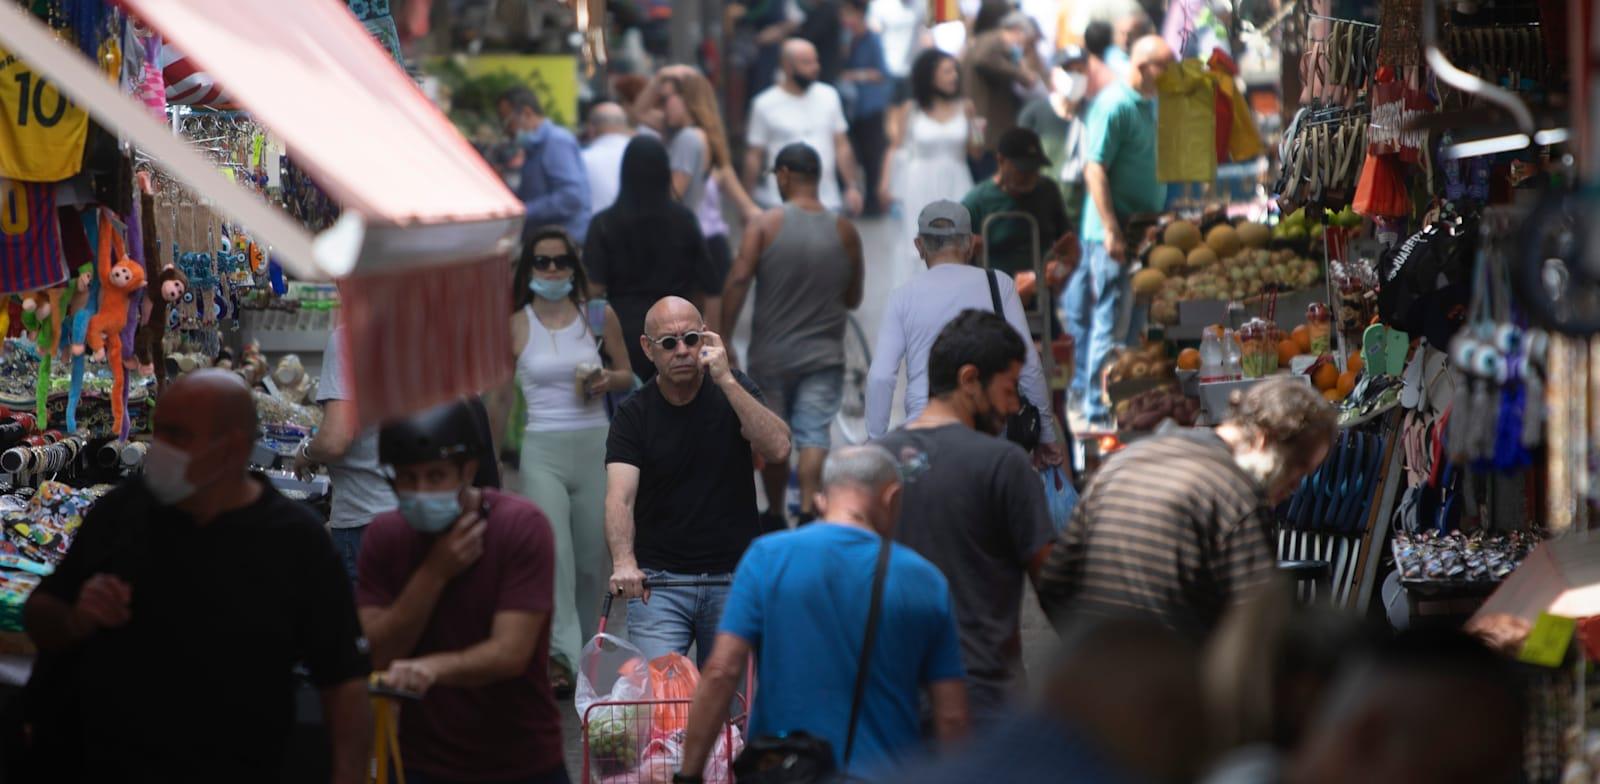 שוק הכרמל. הערכות כי שיעור האבטלה לא יחזור לרמה של לפני הקורונה לפחות עד 2022 / צילום: Associated Press, Sebastian Scheiner